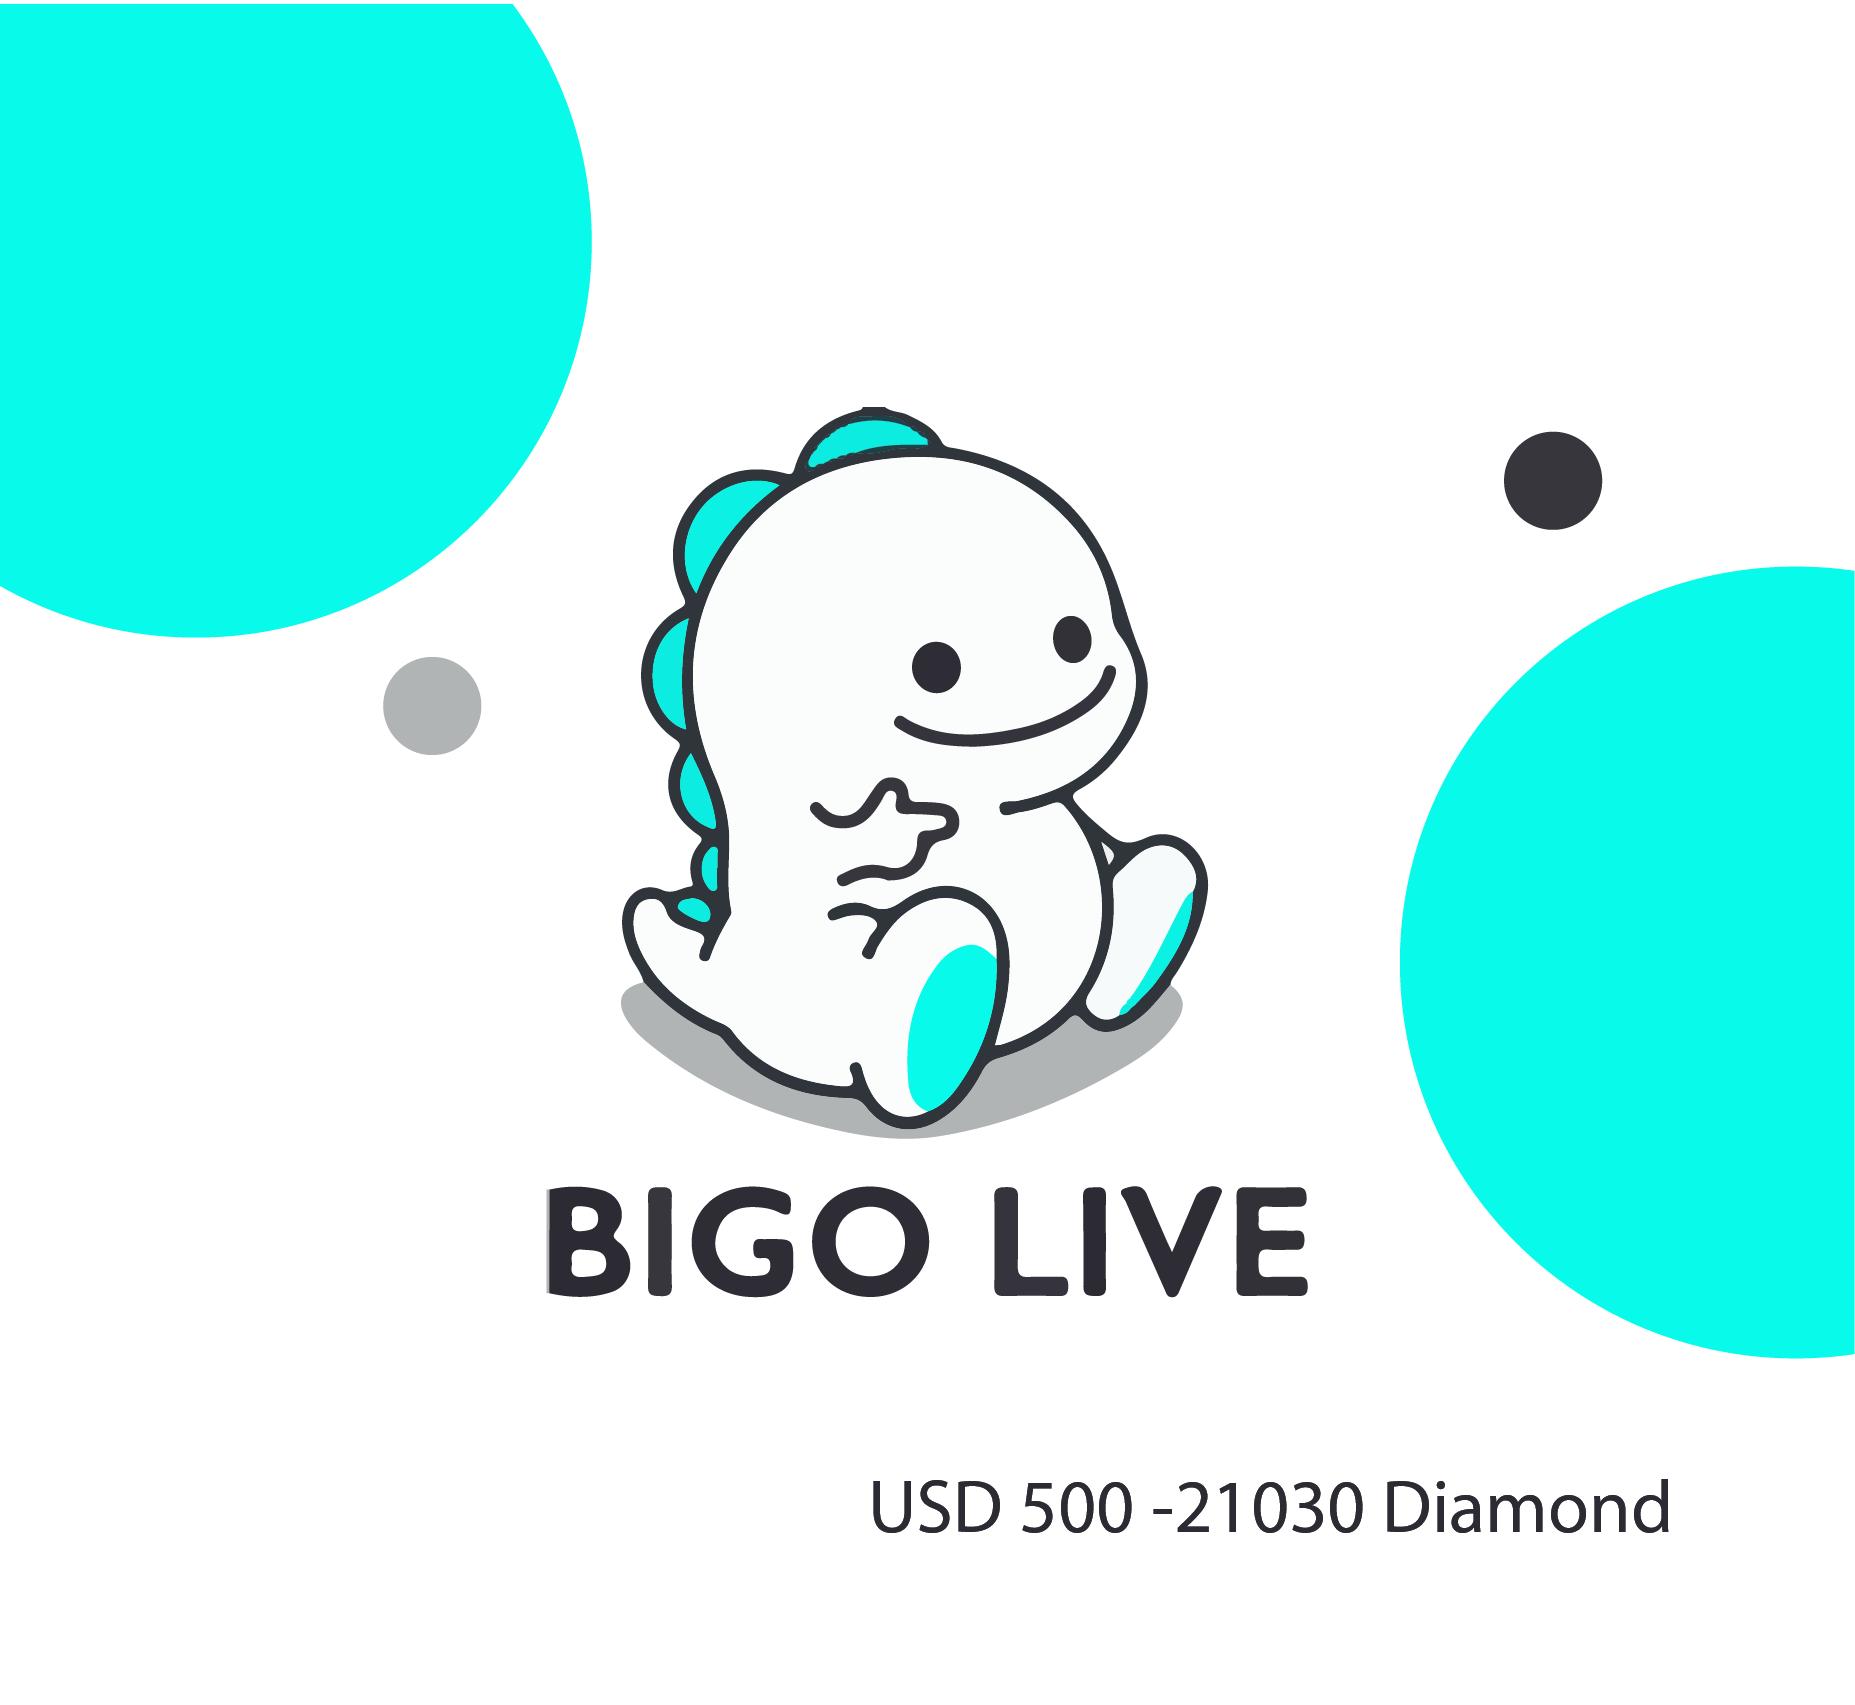 Bigo Live 500 USD - 21030 Diamond